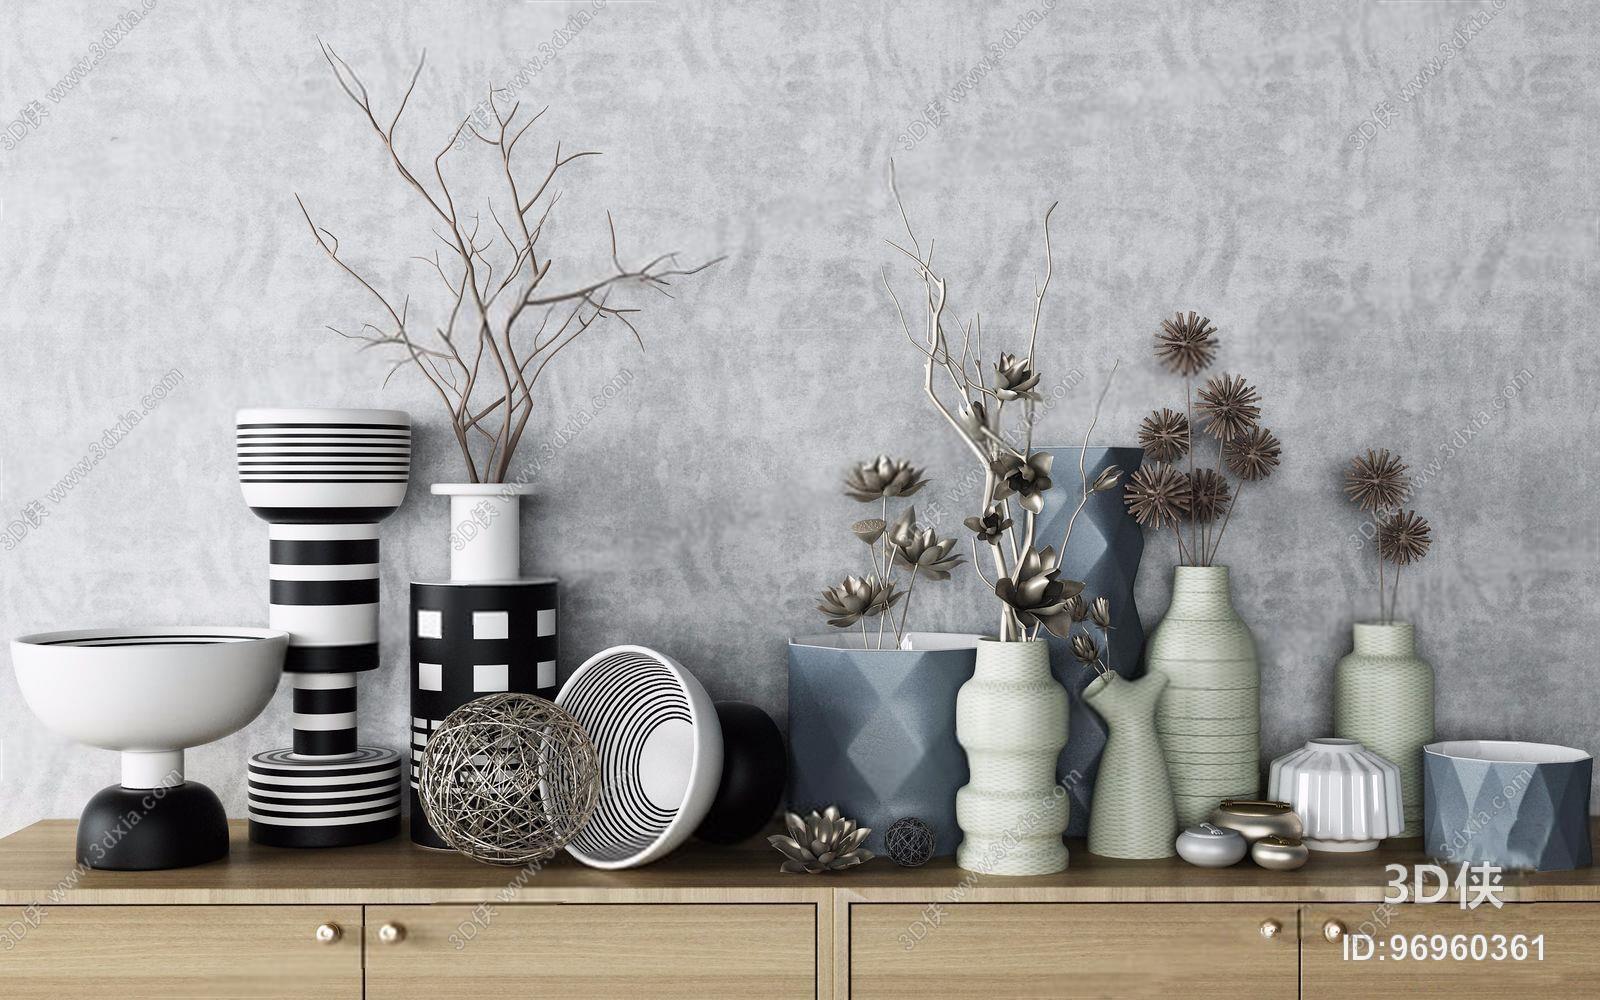 单人沙发效果图素材免费下载,本作品主题是现代北欧装饰品组合 北欧装